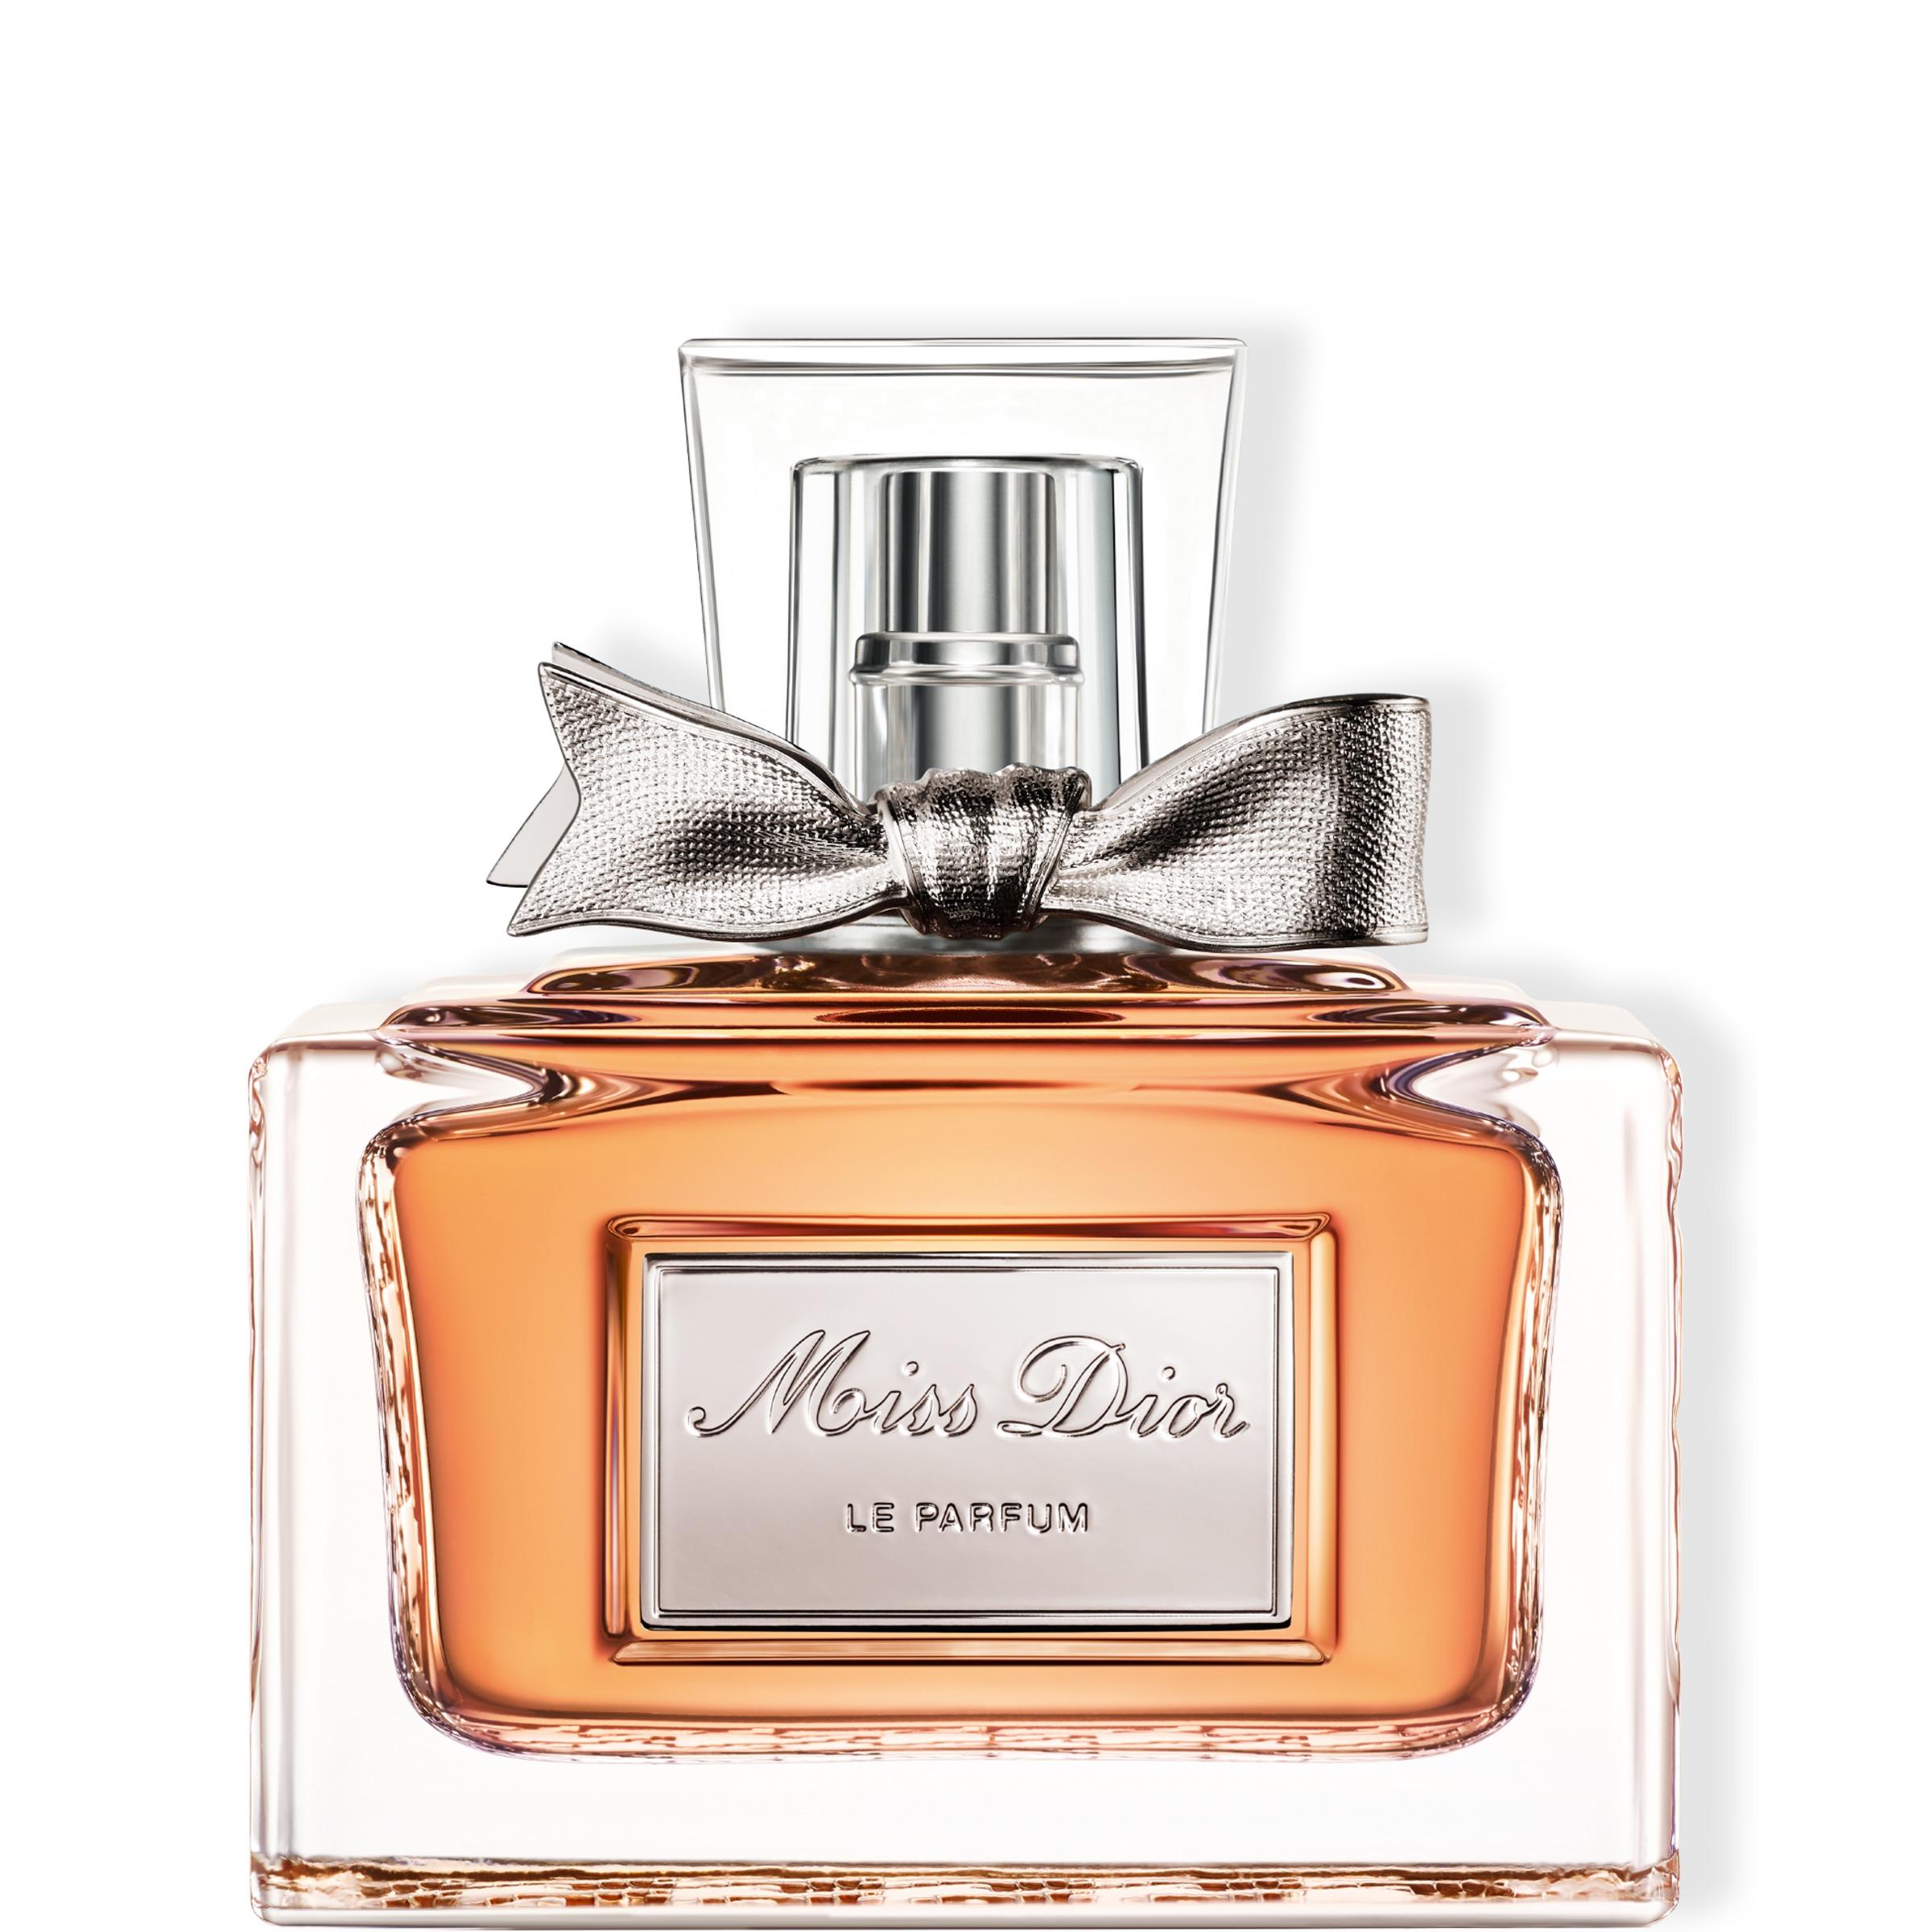 Miss Dior Le Parfum 75ml